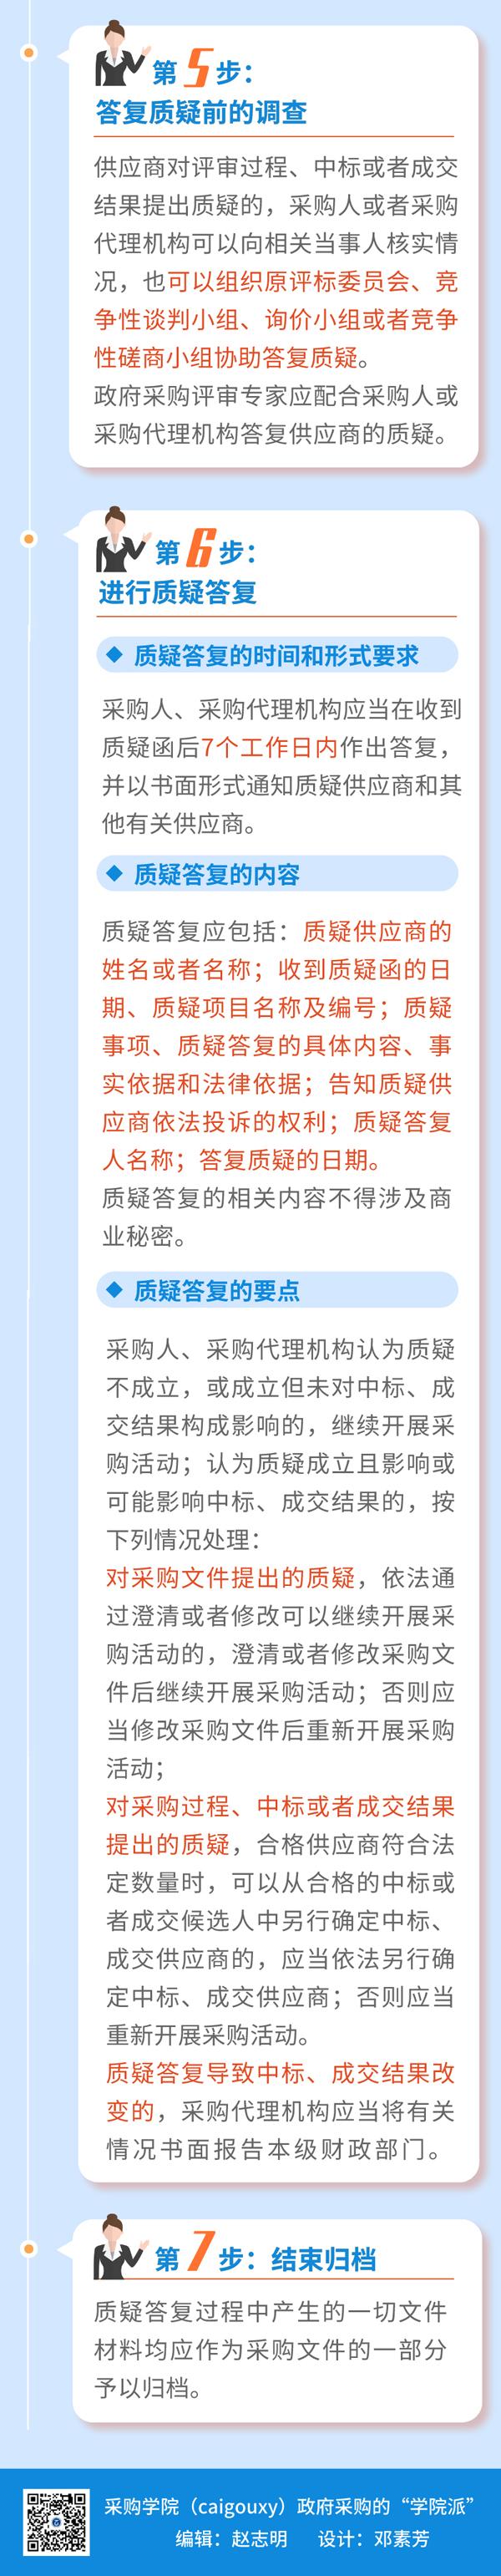 03-7步读懂质疑答复全流程-2.jpg